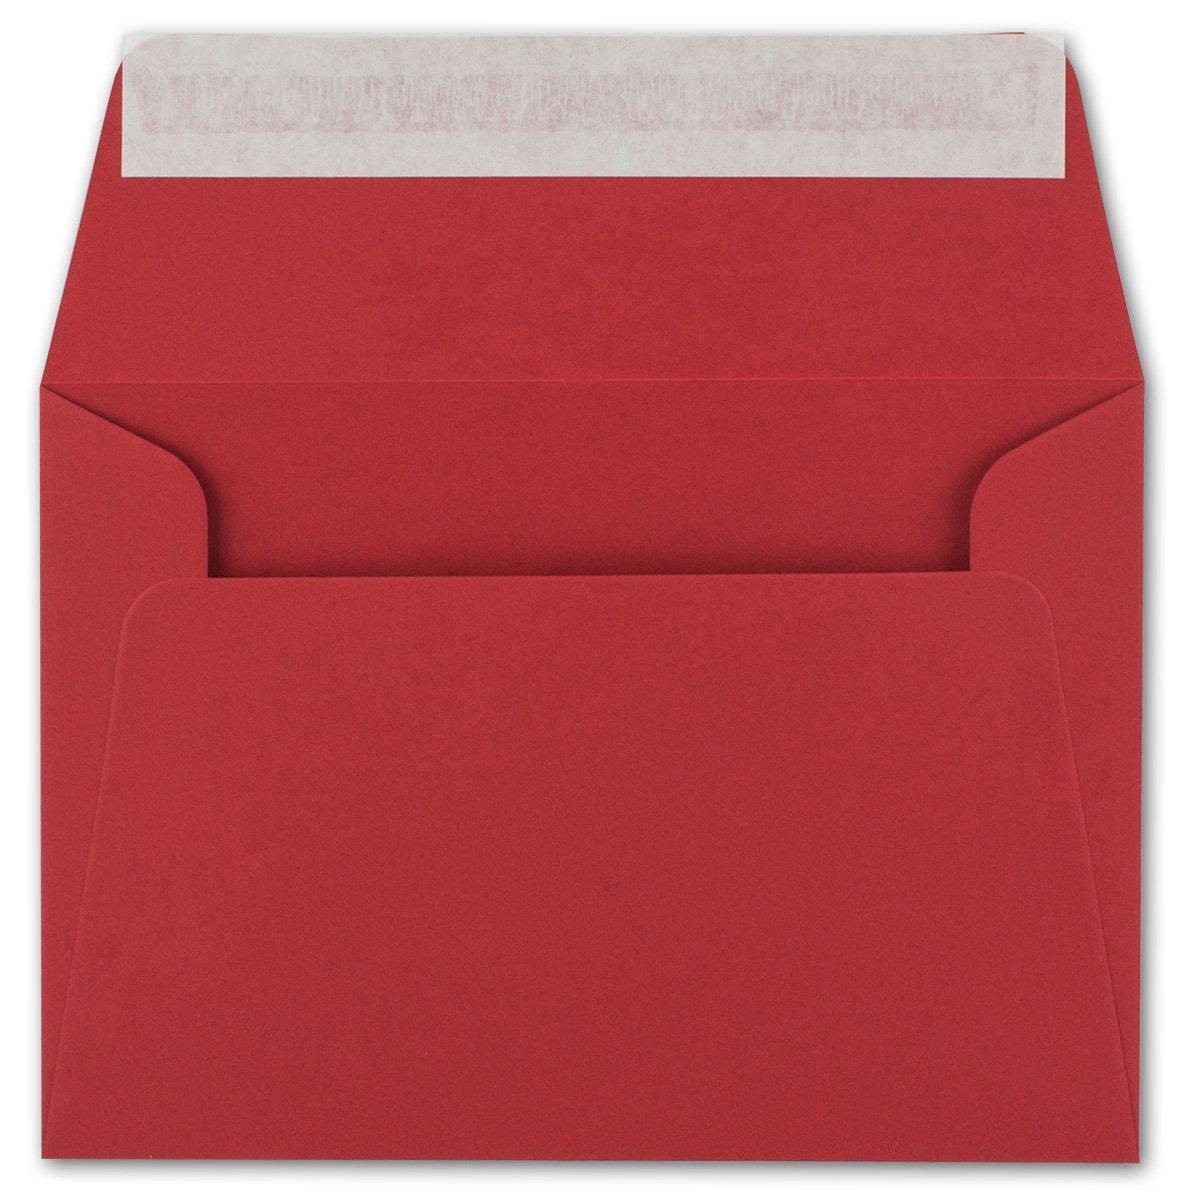 200x Brief-Umschläge B6 - Naturweiss - 12,5 x x x 17,5 cm - Haftklebung 120 g m² - breite edle Verschluss-Lasche - hochwertige Einladungs-Umschläge B078H7ZD4S | Beliebte Empfehlung  f2d452